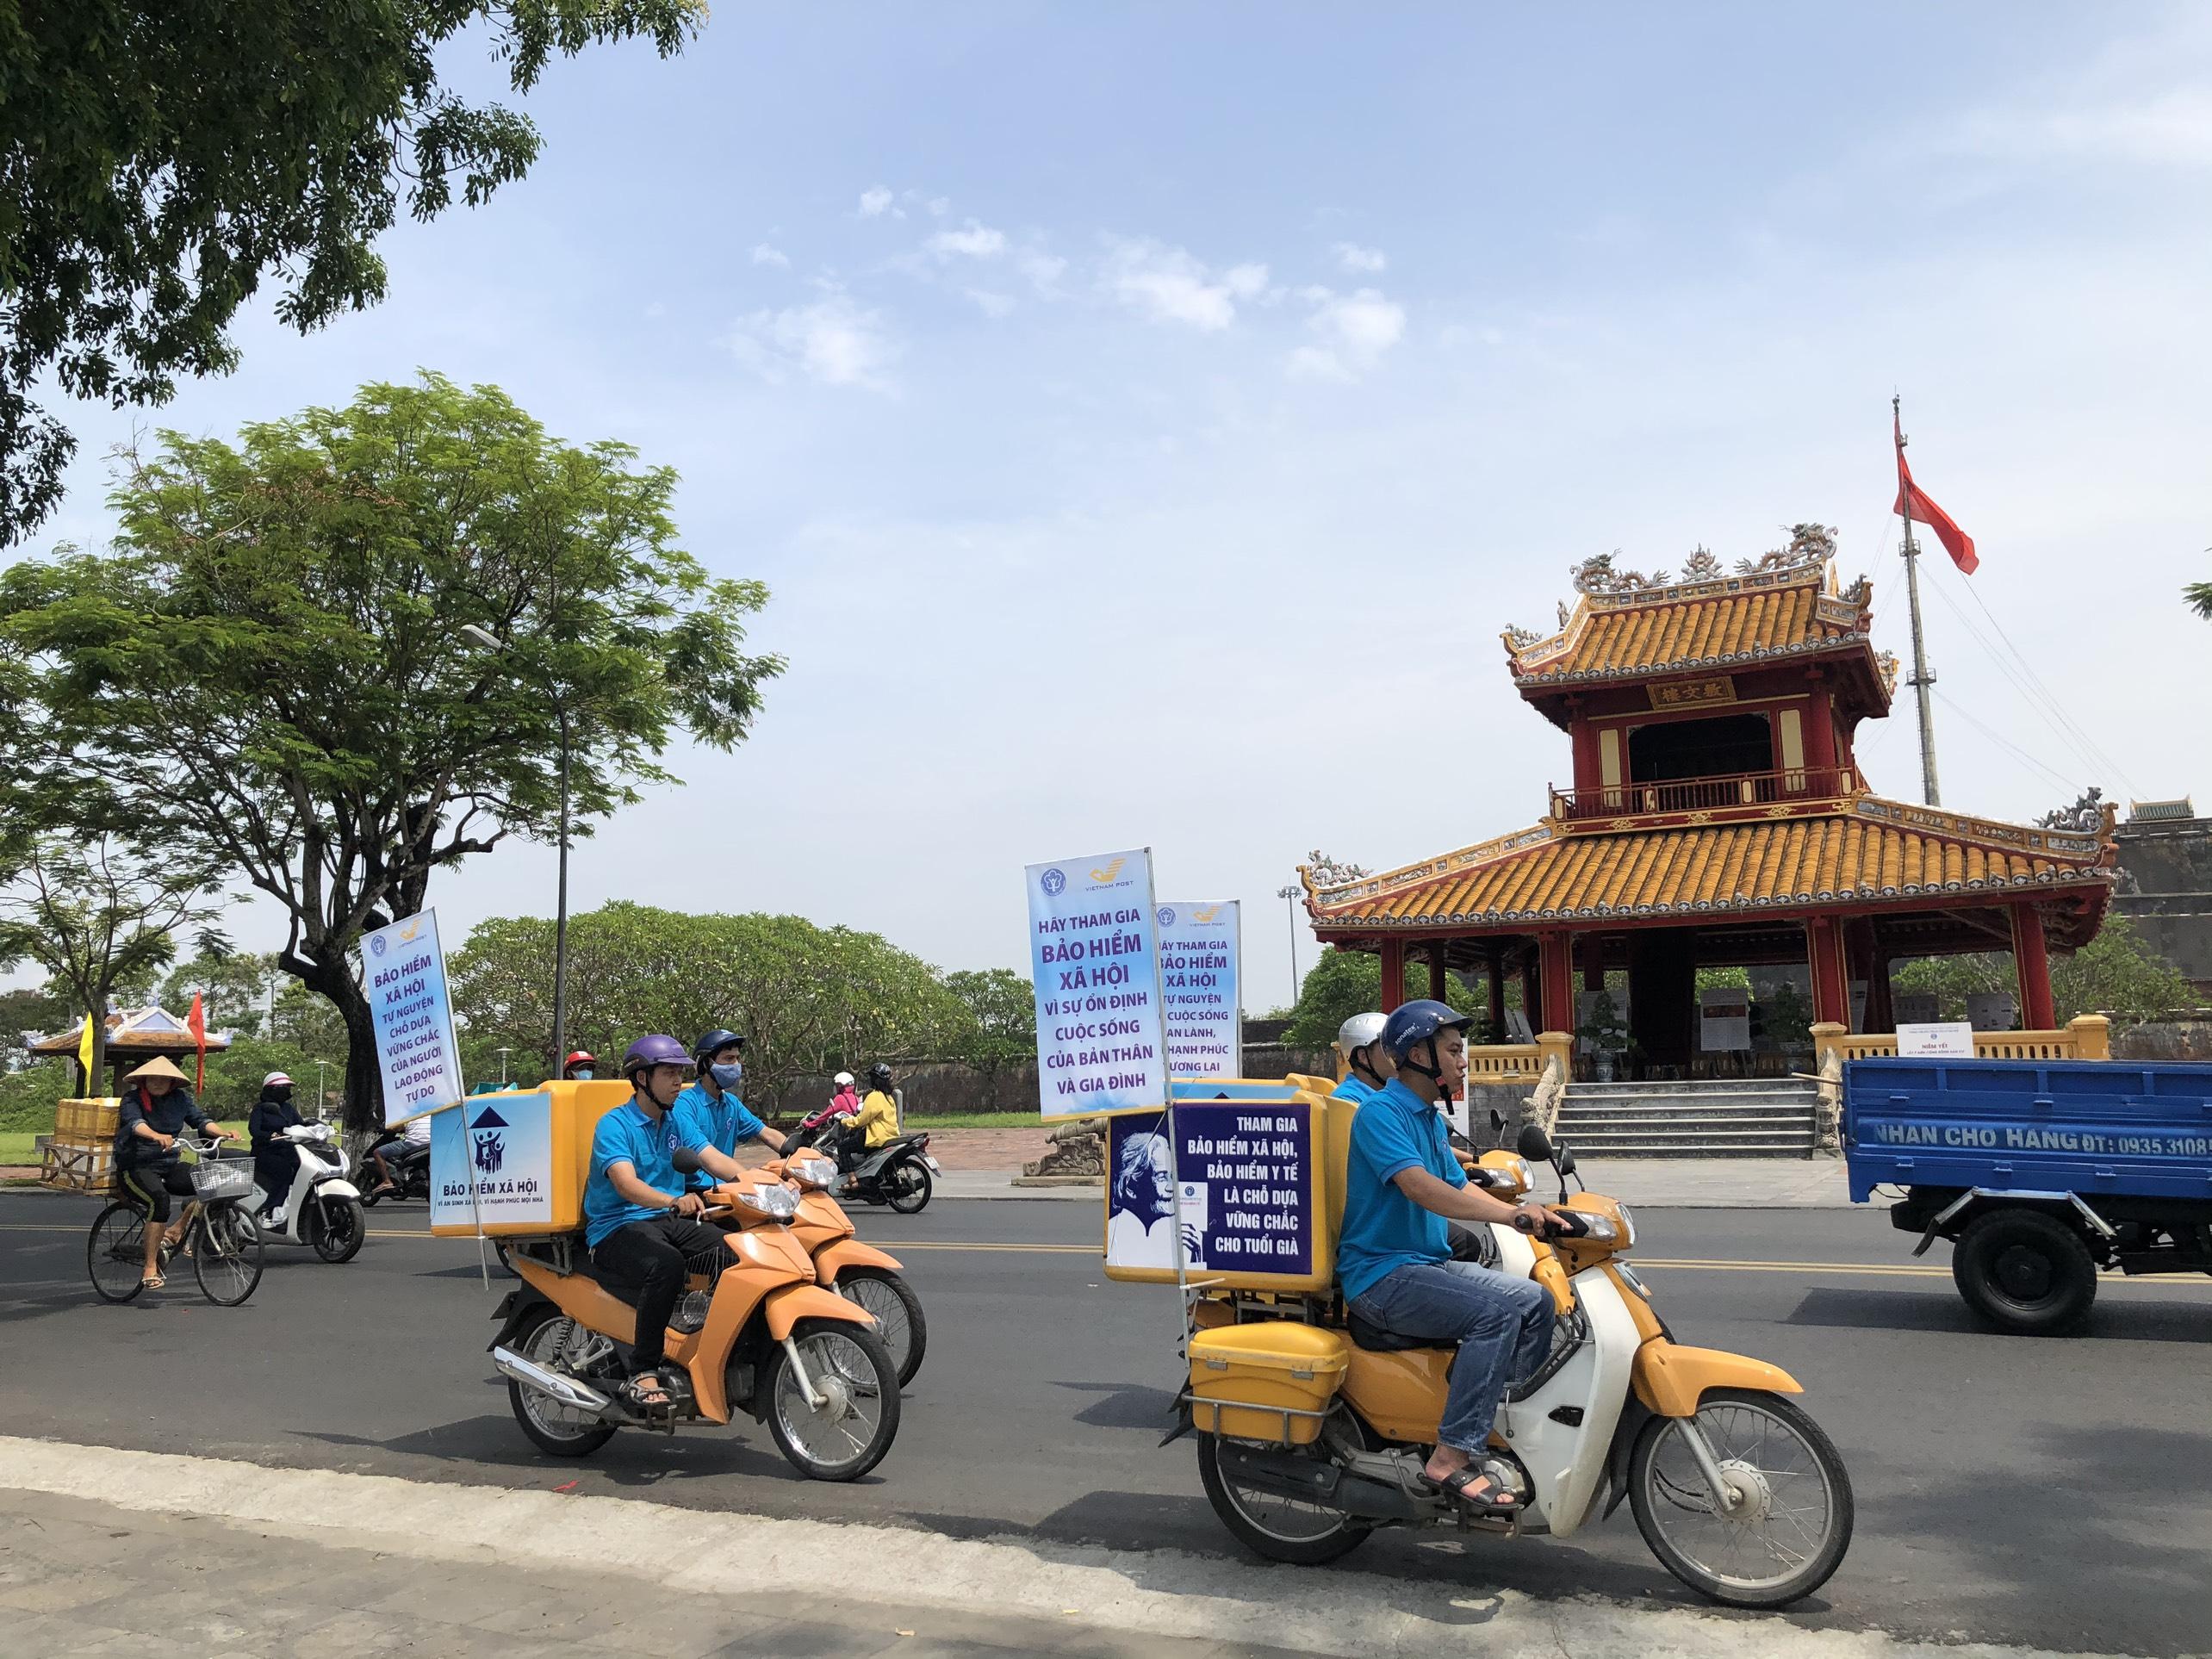 Đoàn xe tuyên truyền chính sách Bảo hiểm xã hội tự nguyện đi ngang qua các địa điểm nổi tiếng ở Huế